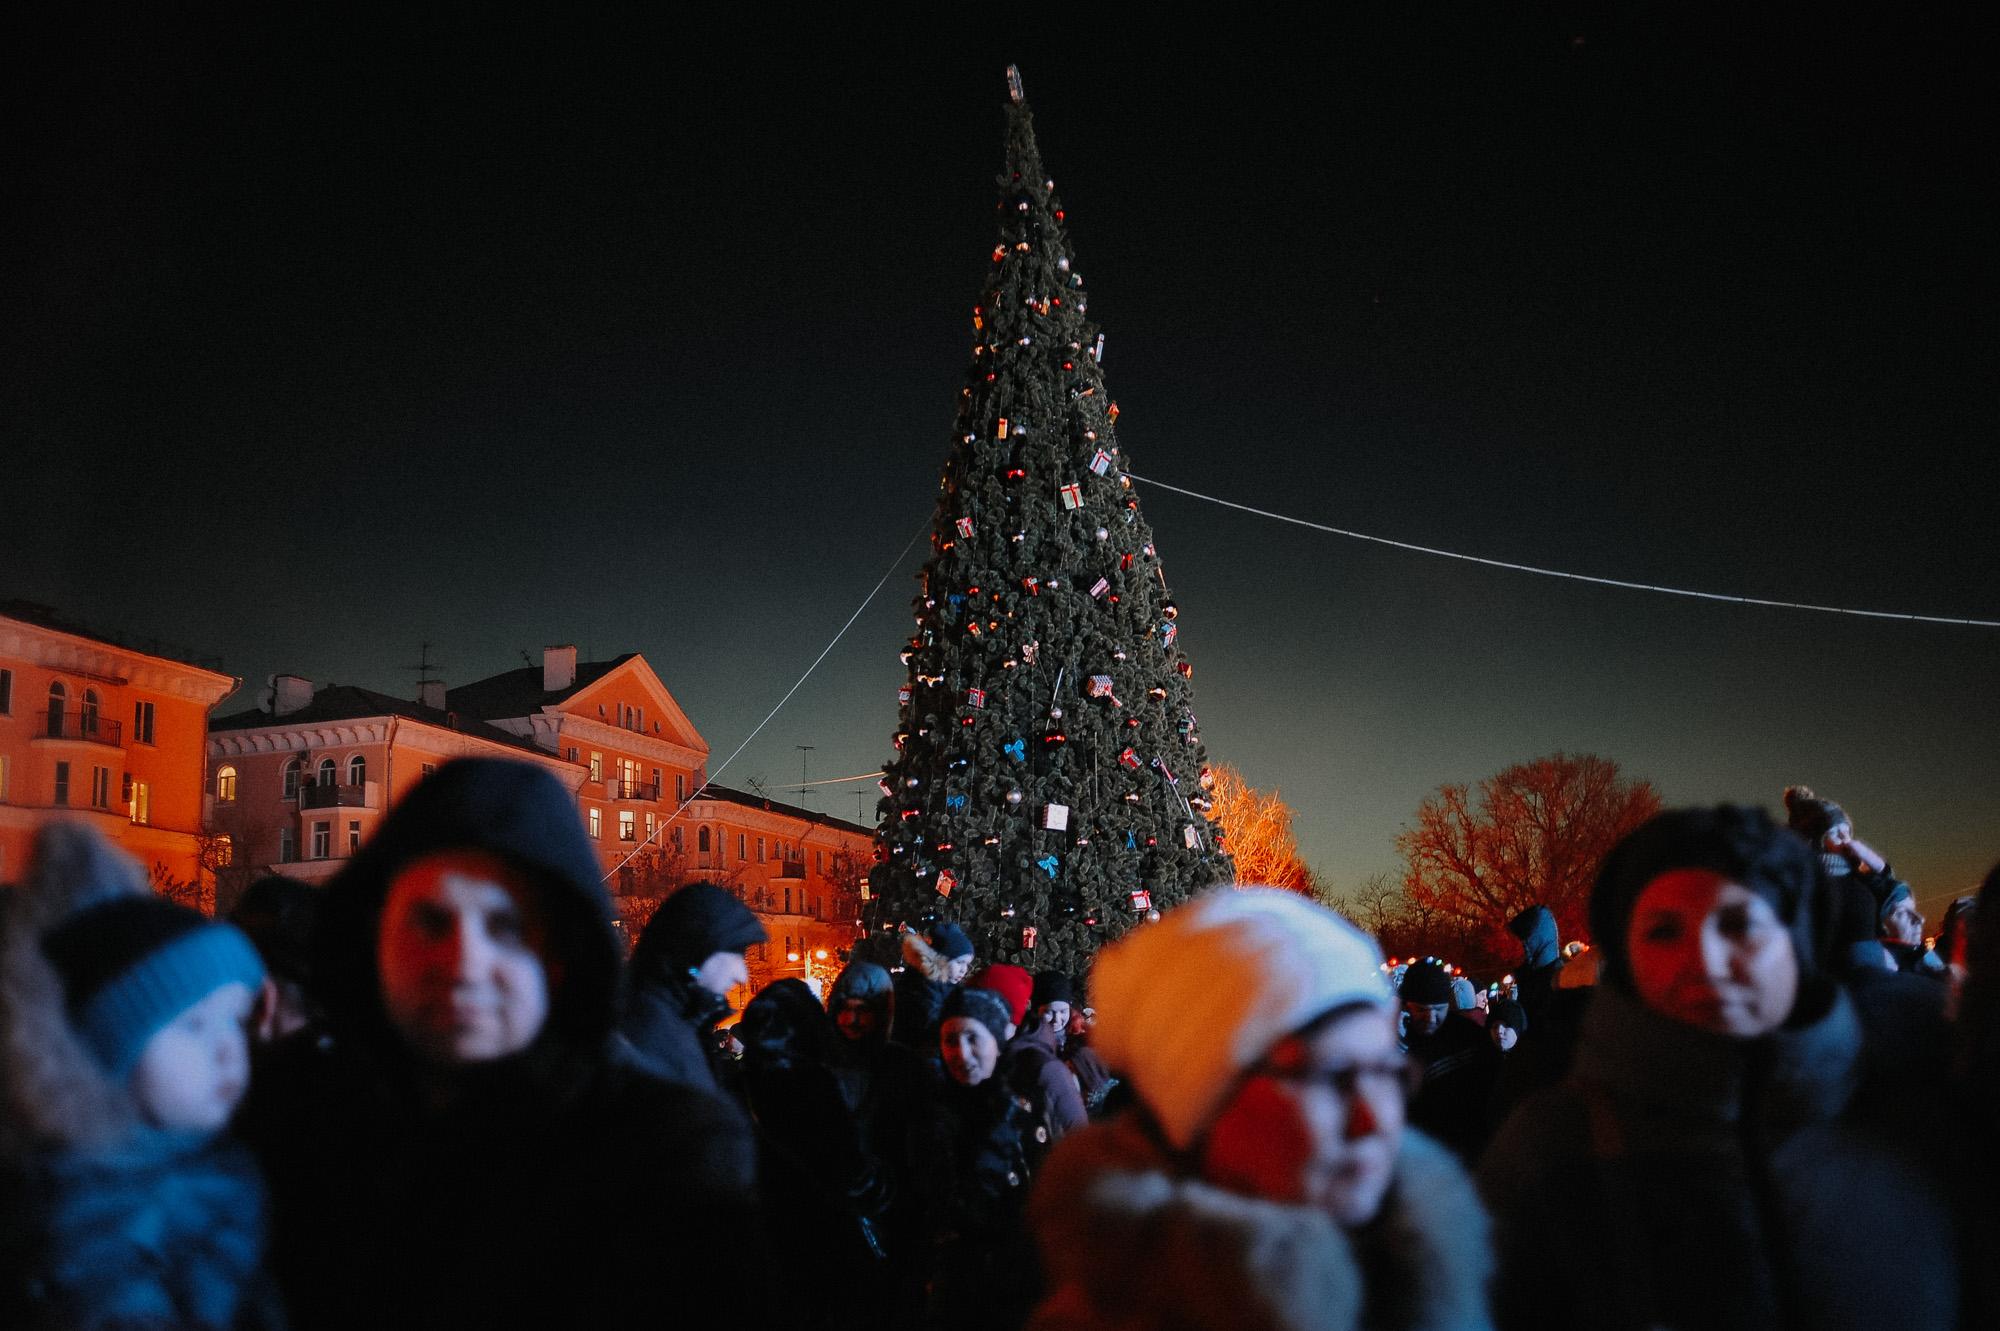 ZZZ 6816 В Астрахани на площади Ленина зажгли новогоднюю елку: кадры торжества